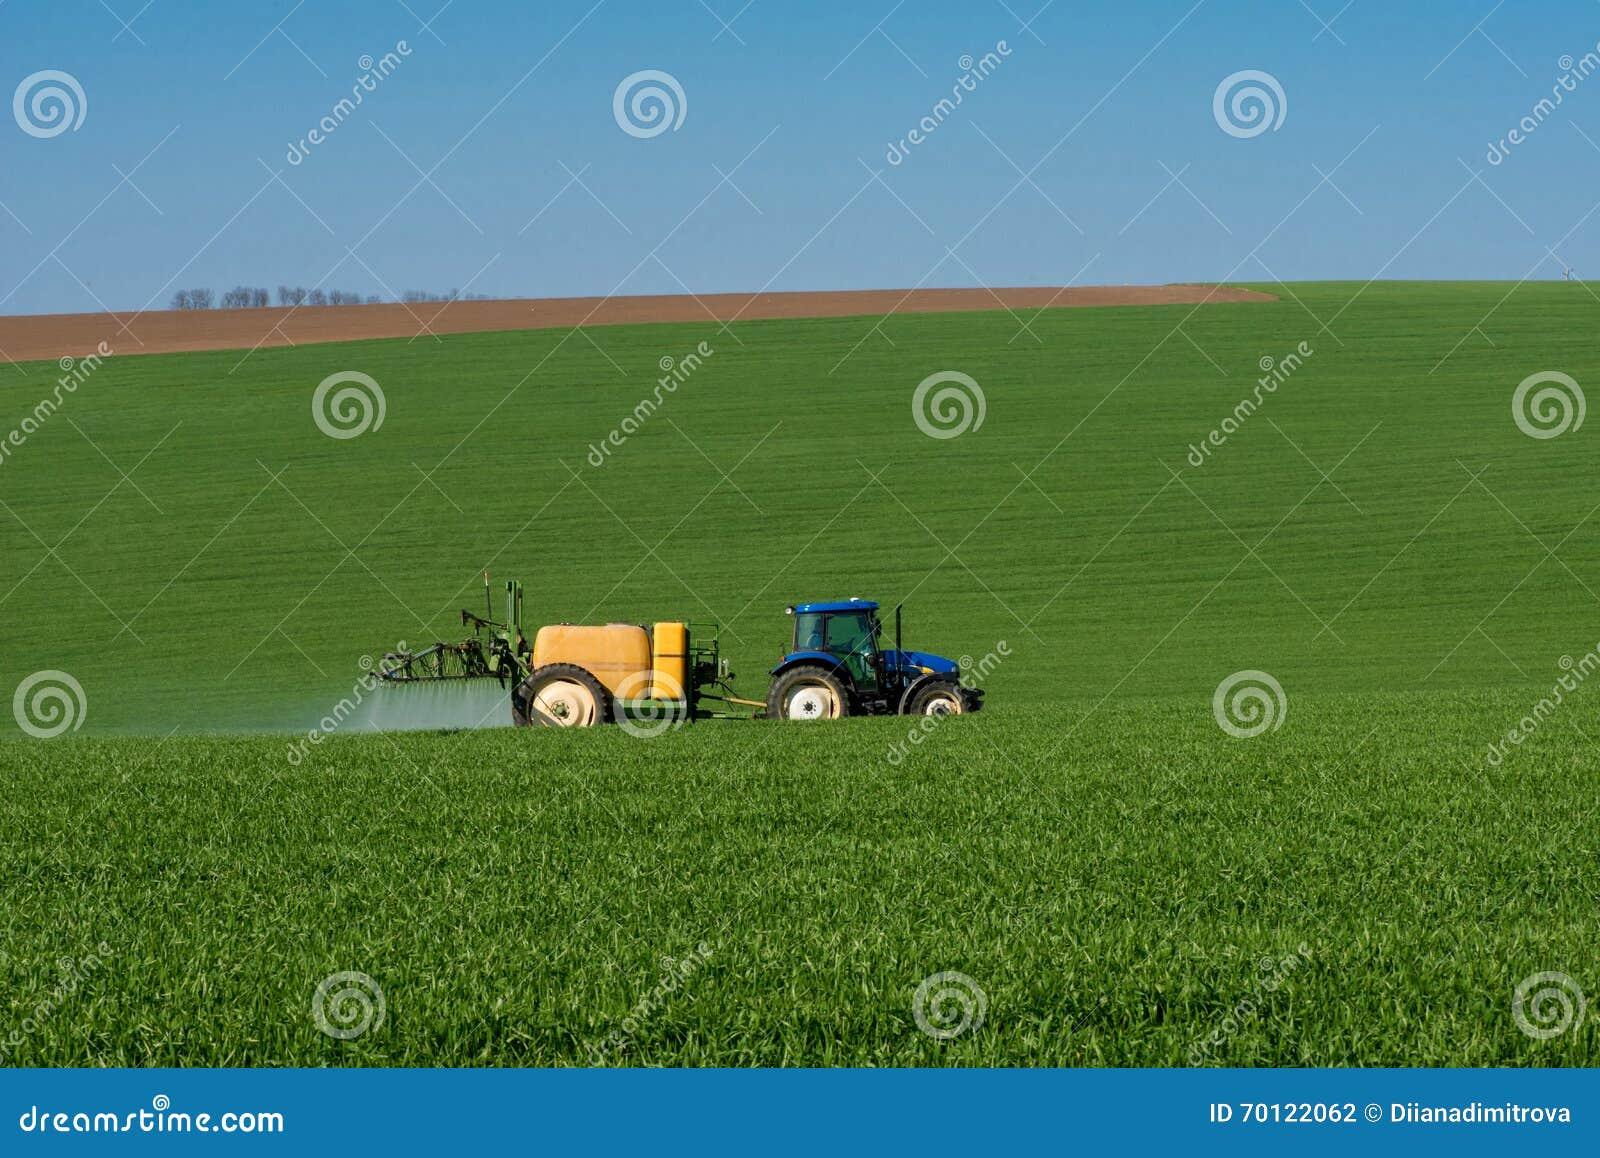 Пестицид трактора распыляя в поле пшеницы